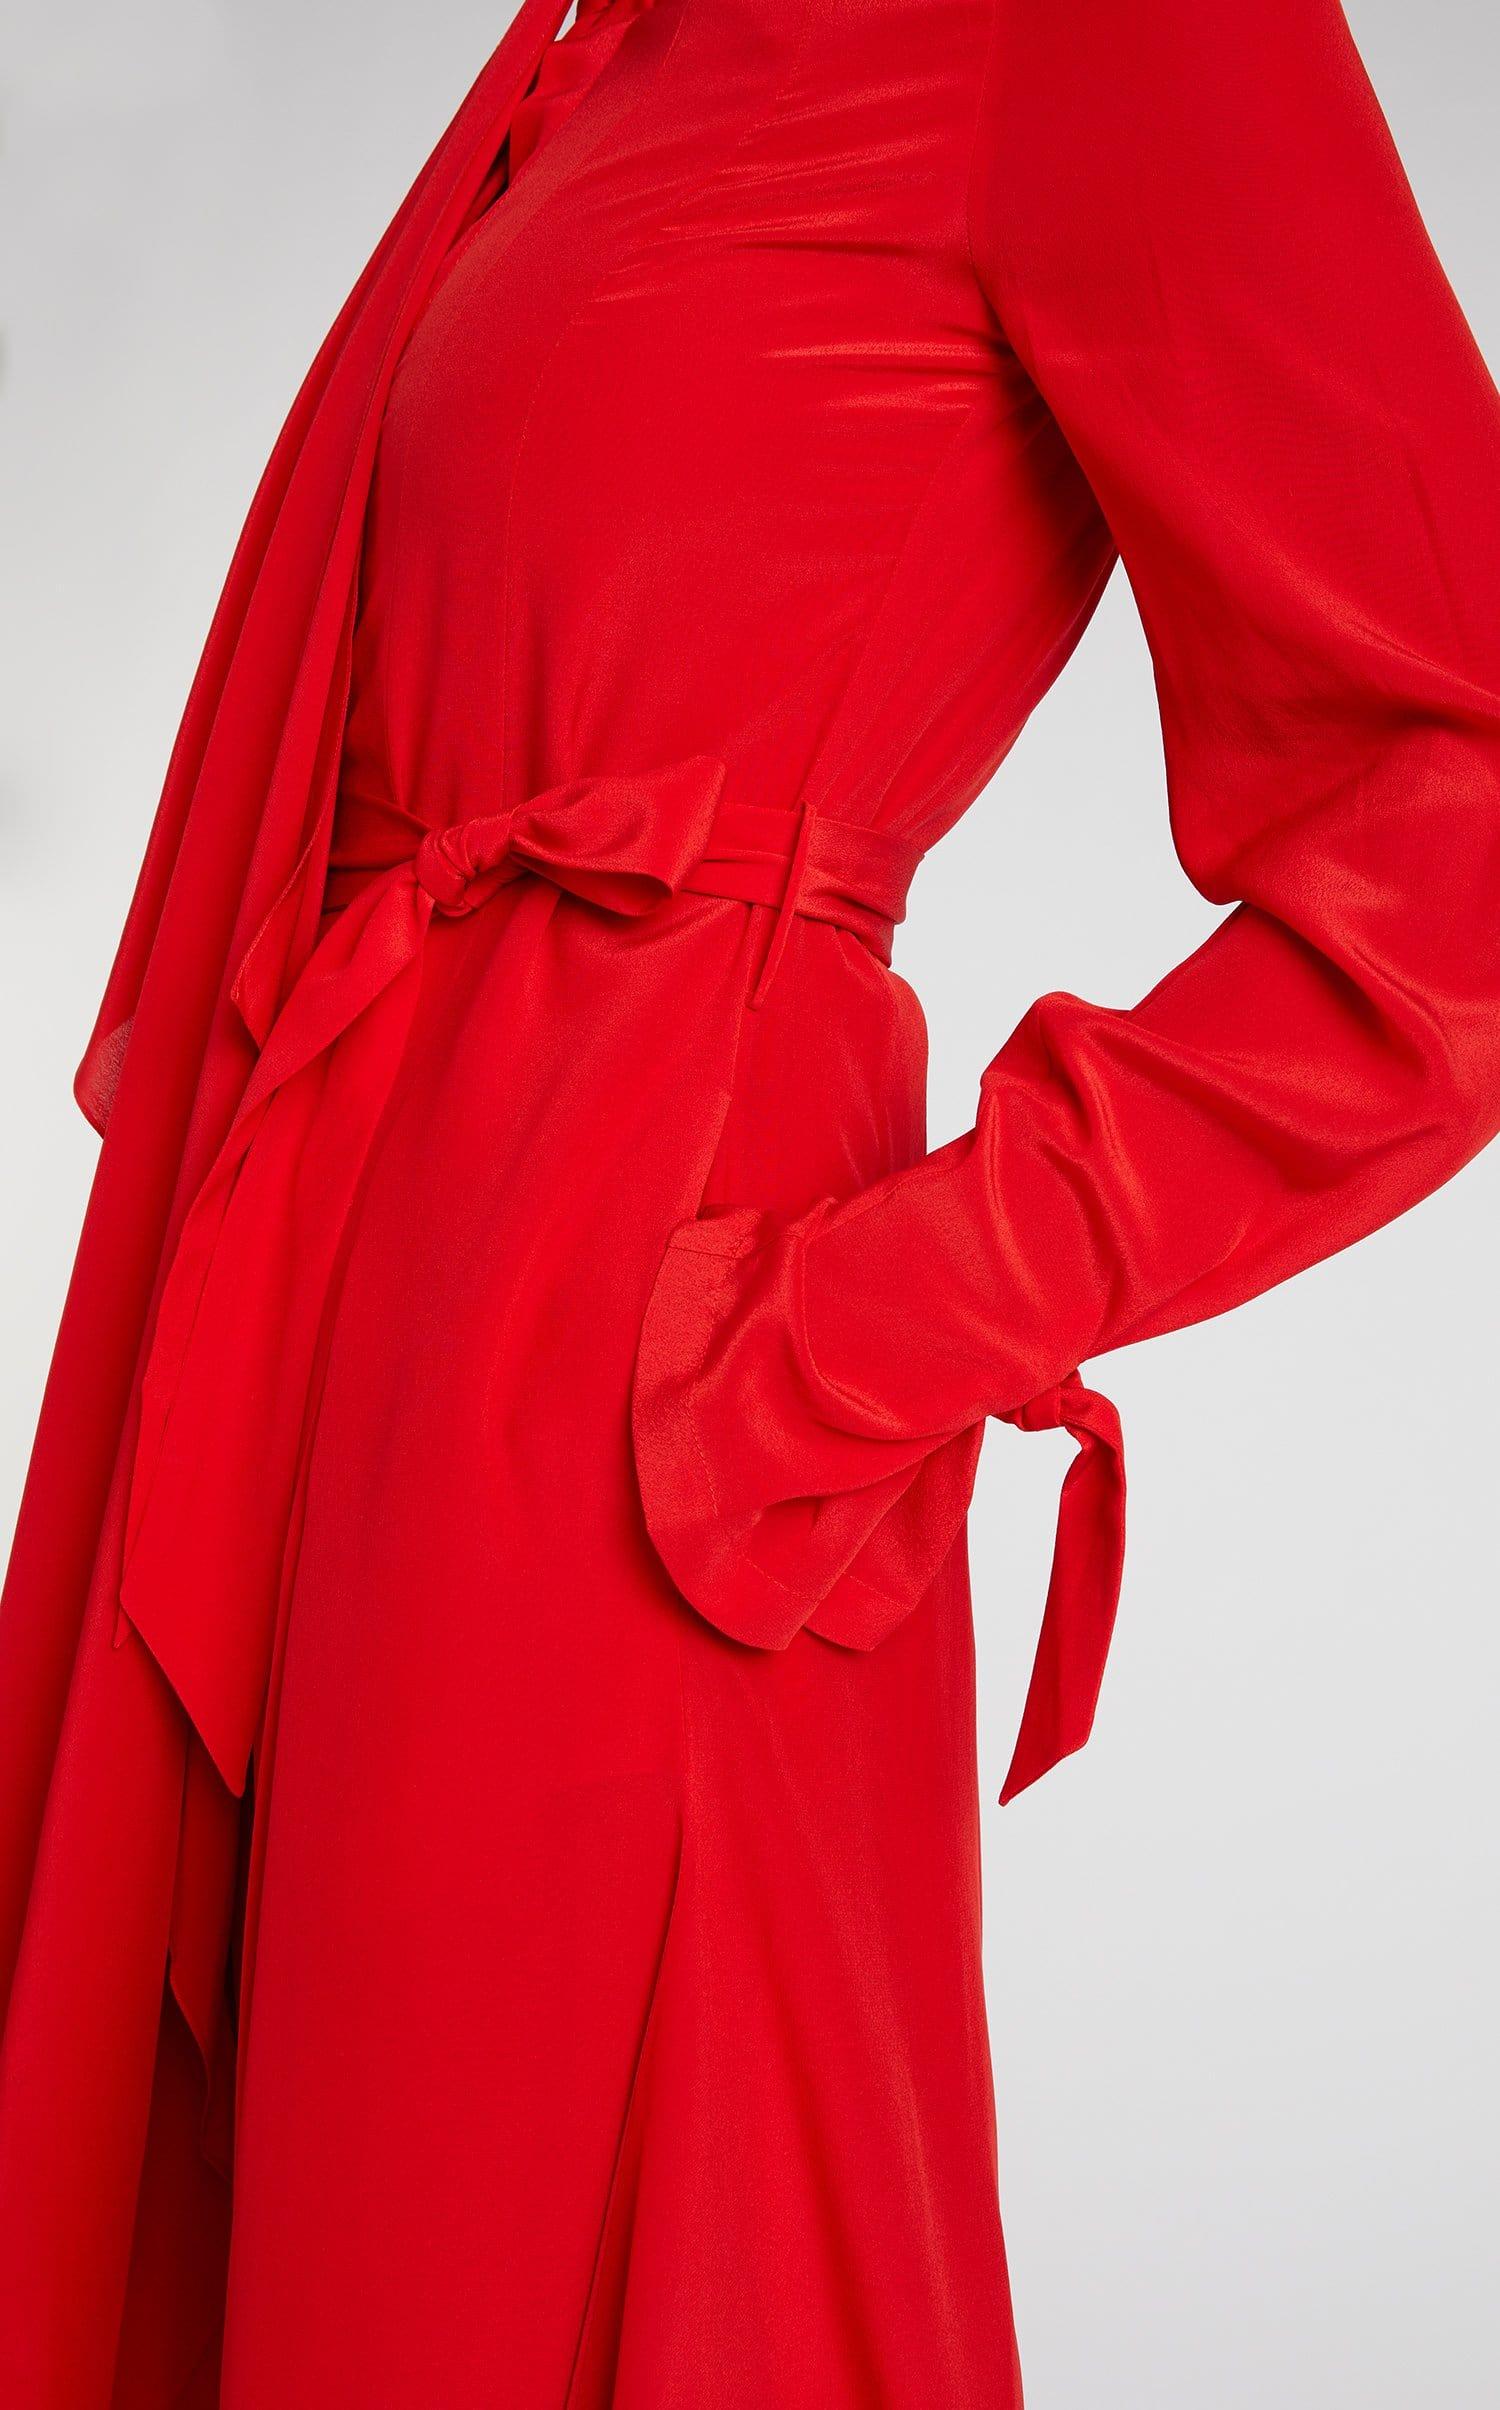 red scarlet camera manual pdf